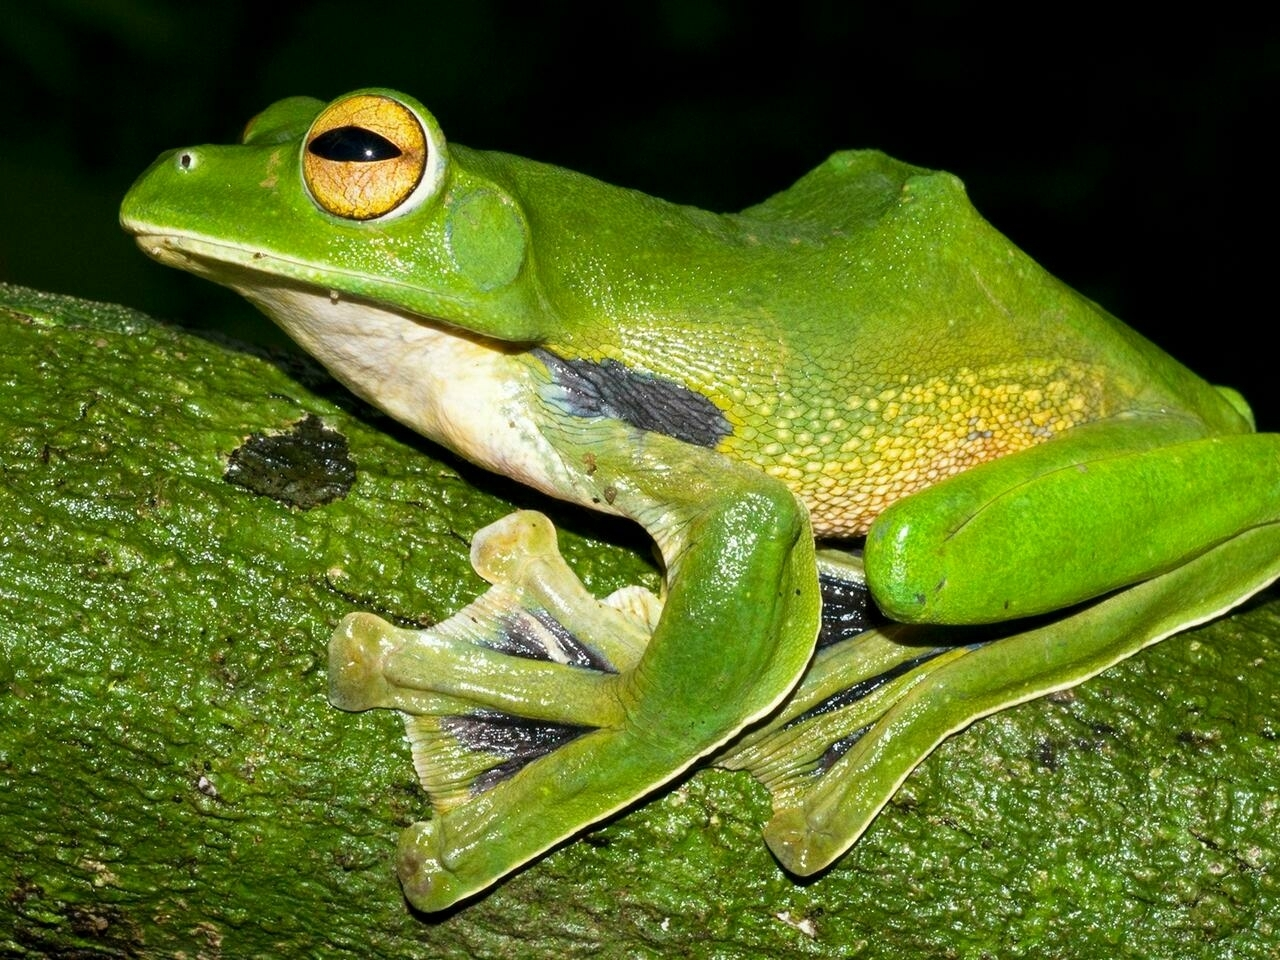 Nằm mơ thấy con ếch có ý nghĩa gì? Đánh lô đề con gì?